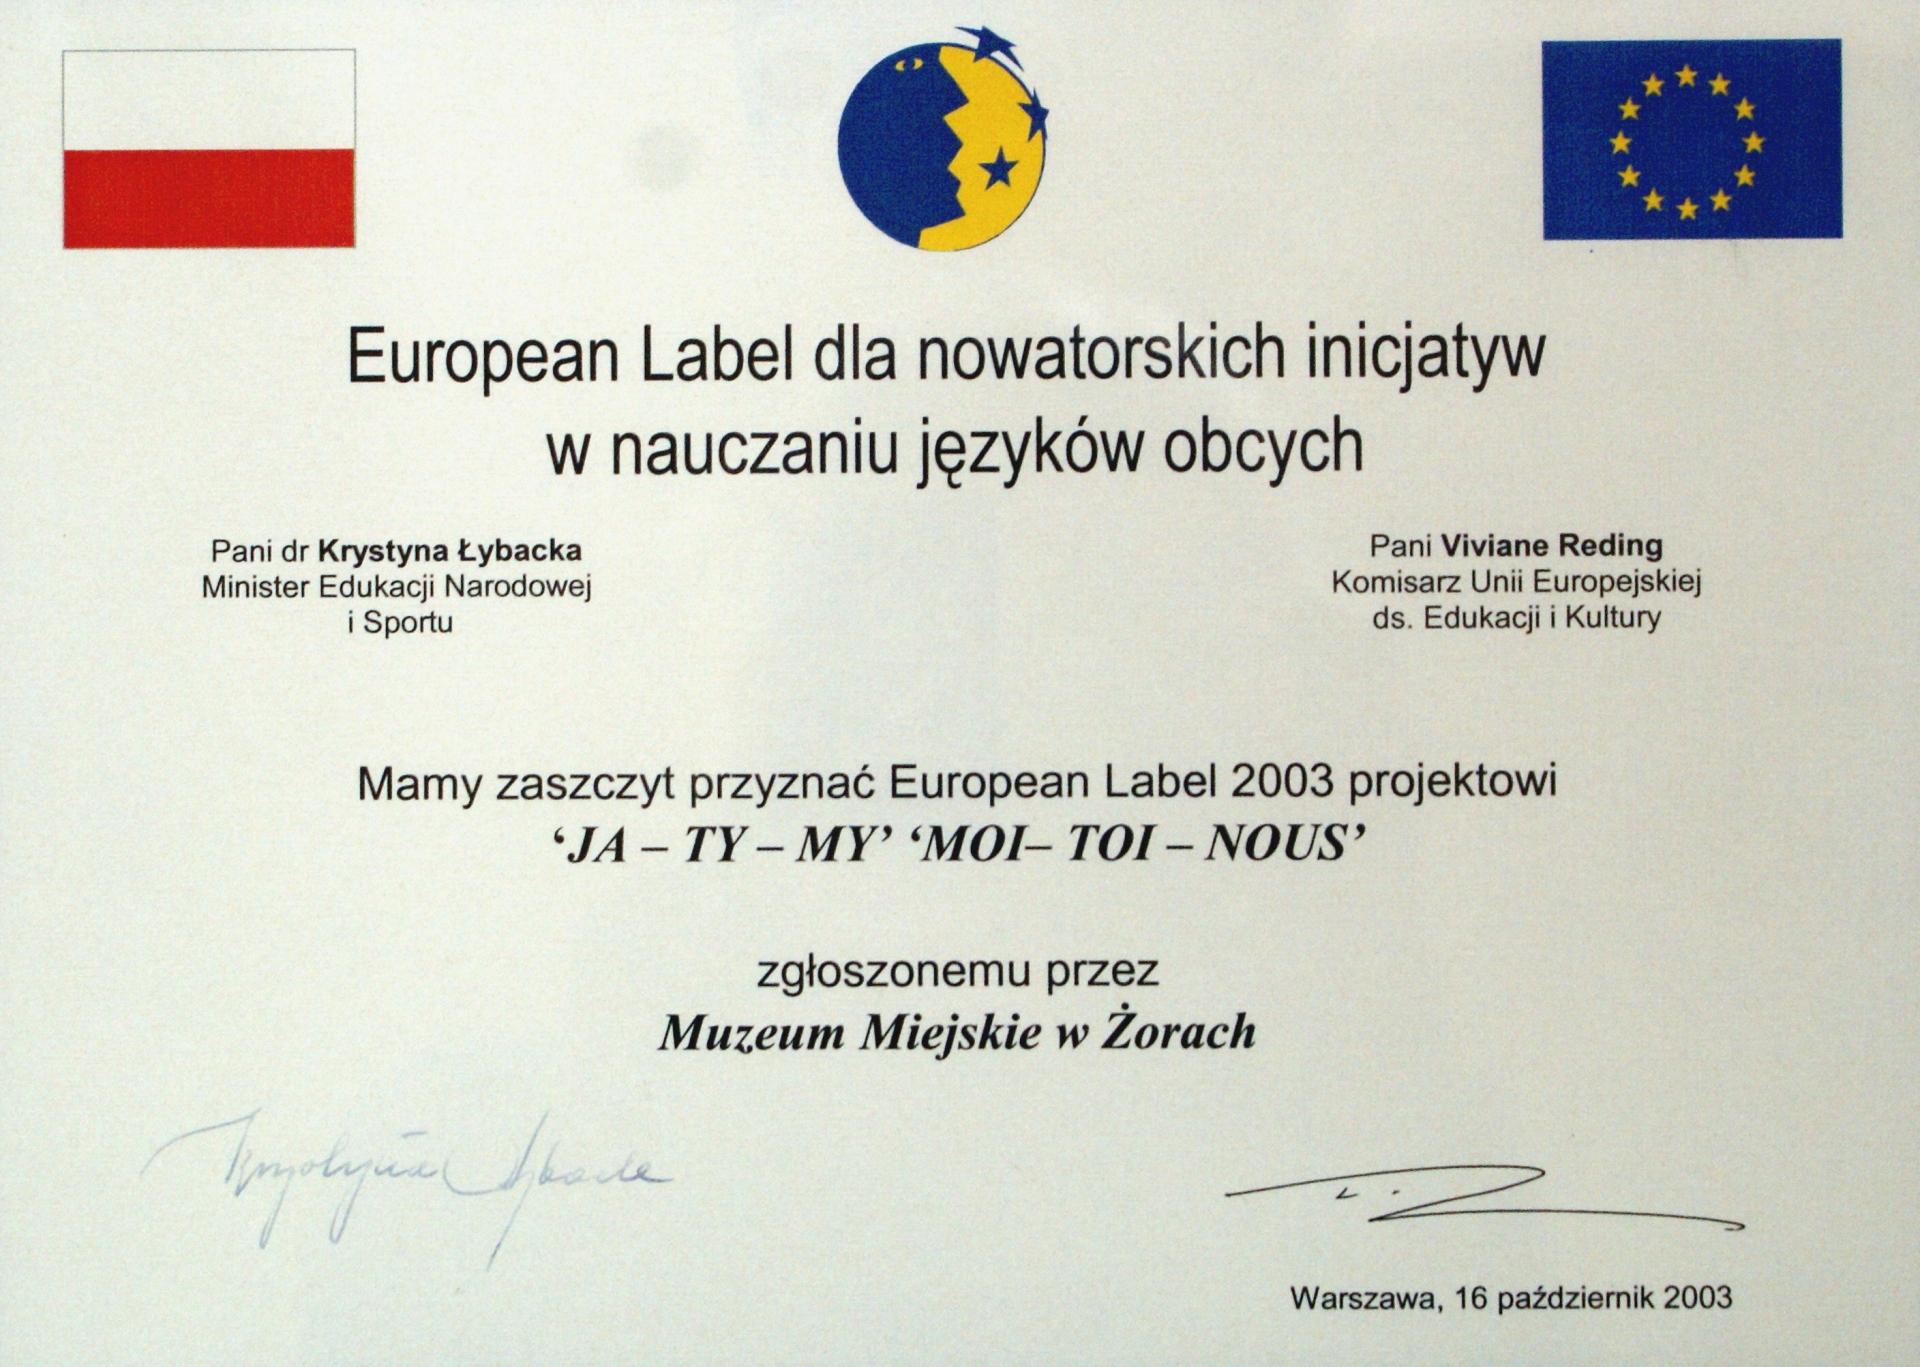 European Label 2003